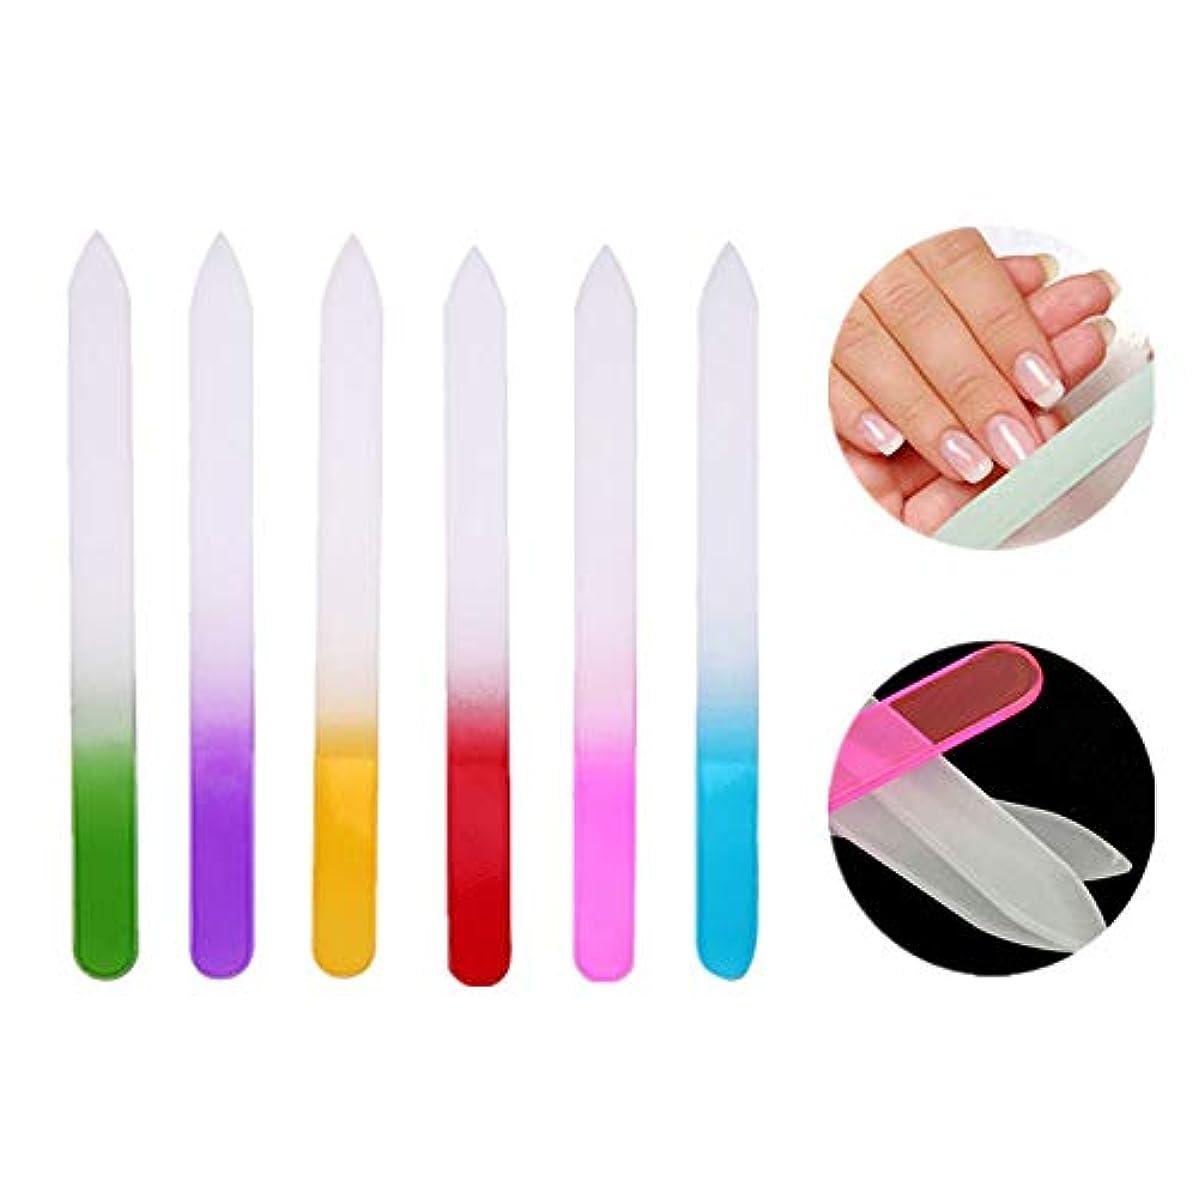 切り離す不合格ジーンズKingsie ガラス製 爪やすり 6個セット 14cm 両面タイプ 爪やすり 水洗い可 携帯用 ネイルケア